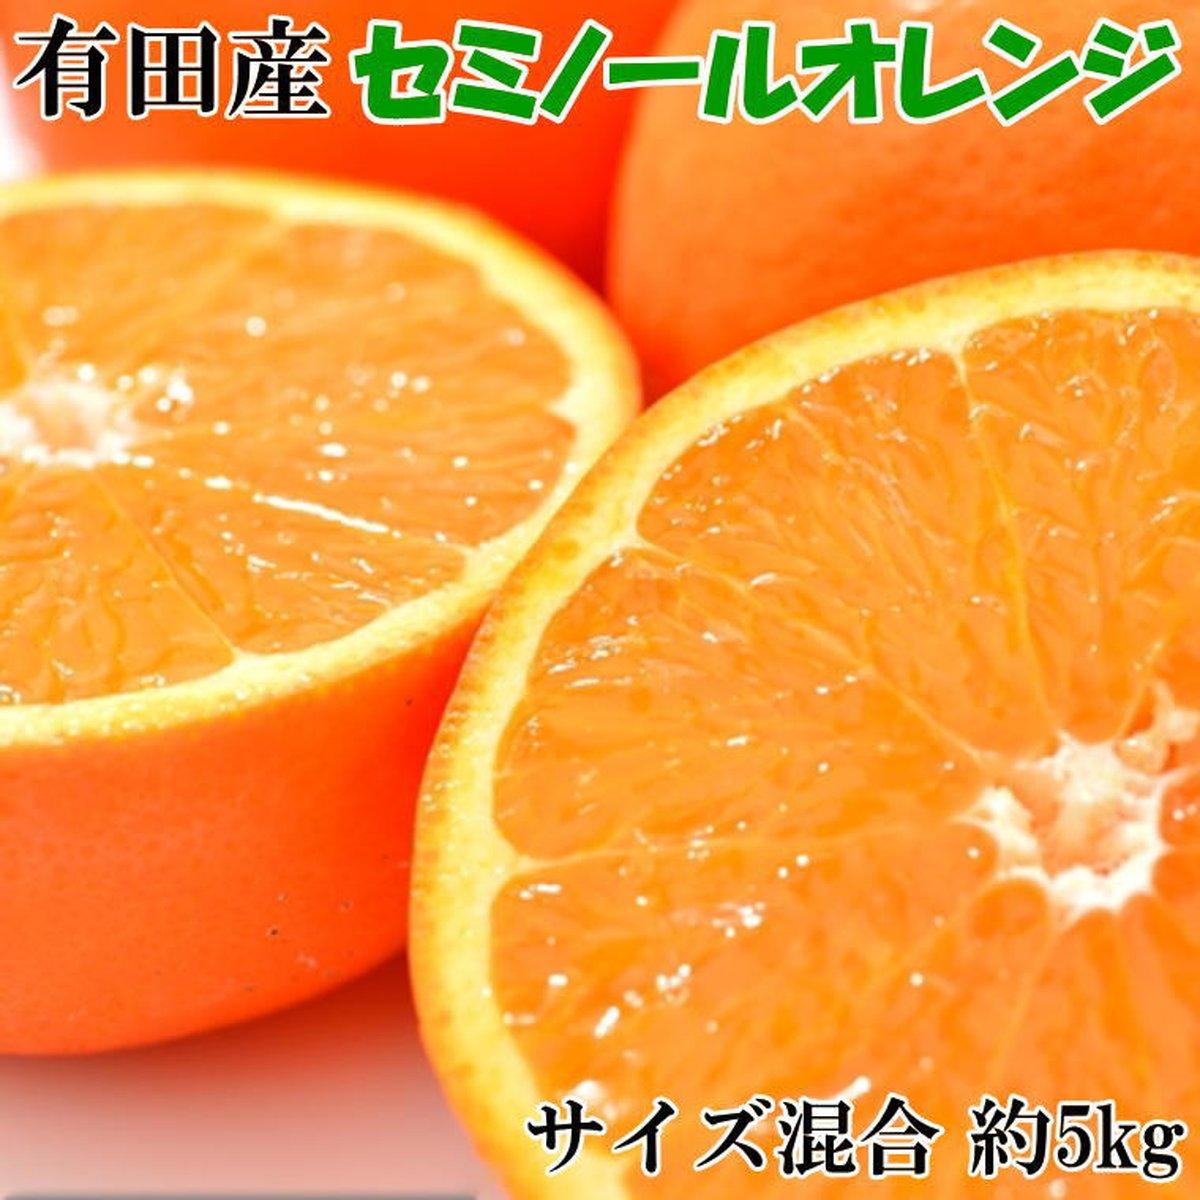 【ふるさと納税】和歌山有田産セミノールオレンジ約5kg(サイズ混合) ※2021年4月下旬~5月中旬頃に順次発送予定